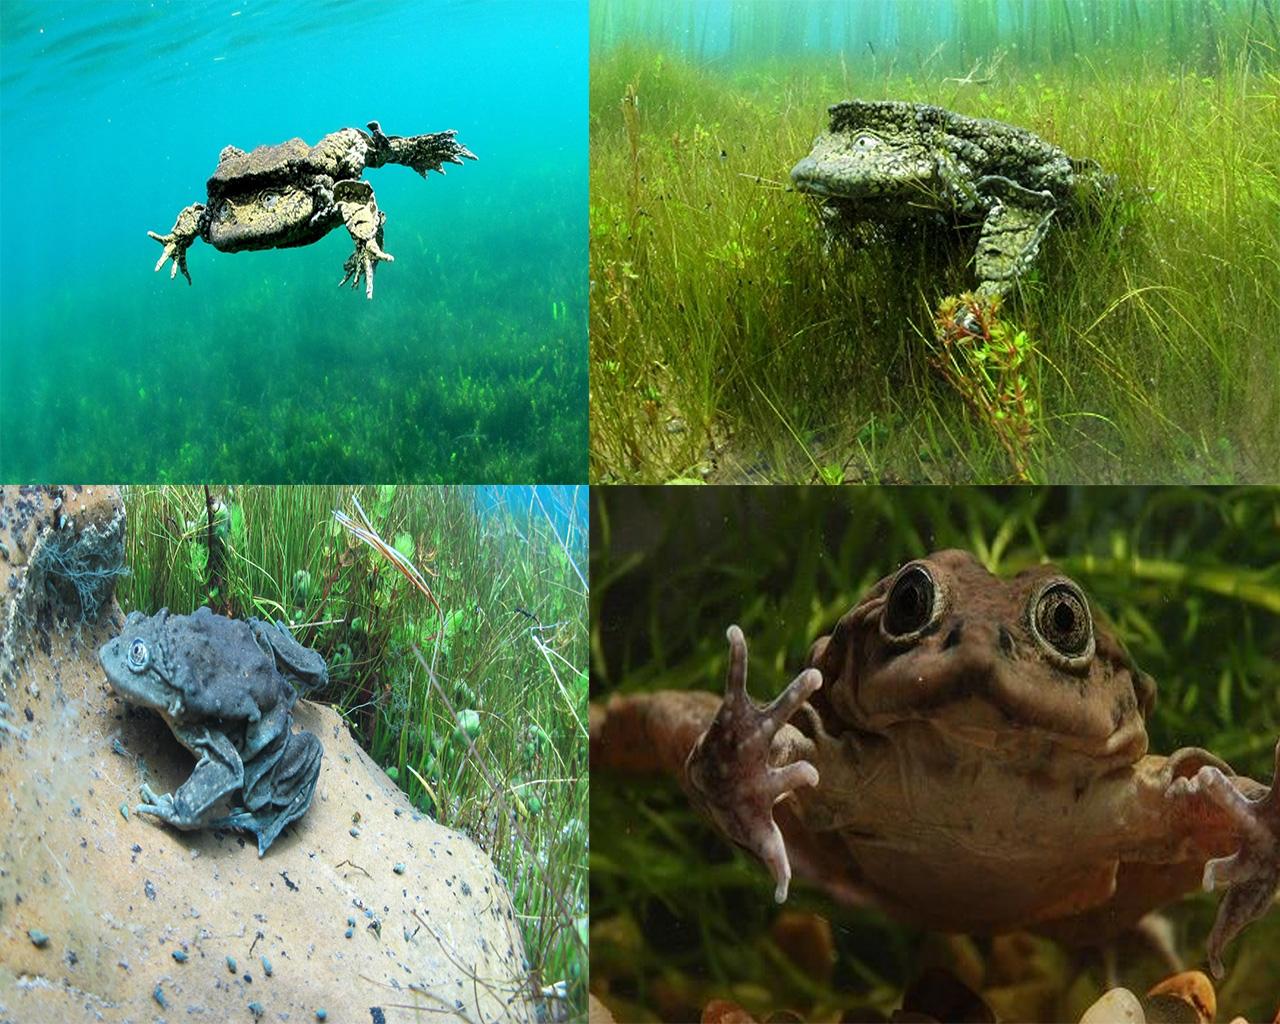 Inaugurarán este domingo un acuario de ranas gigantes en el zoológico Vesty Pakos